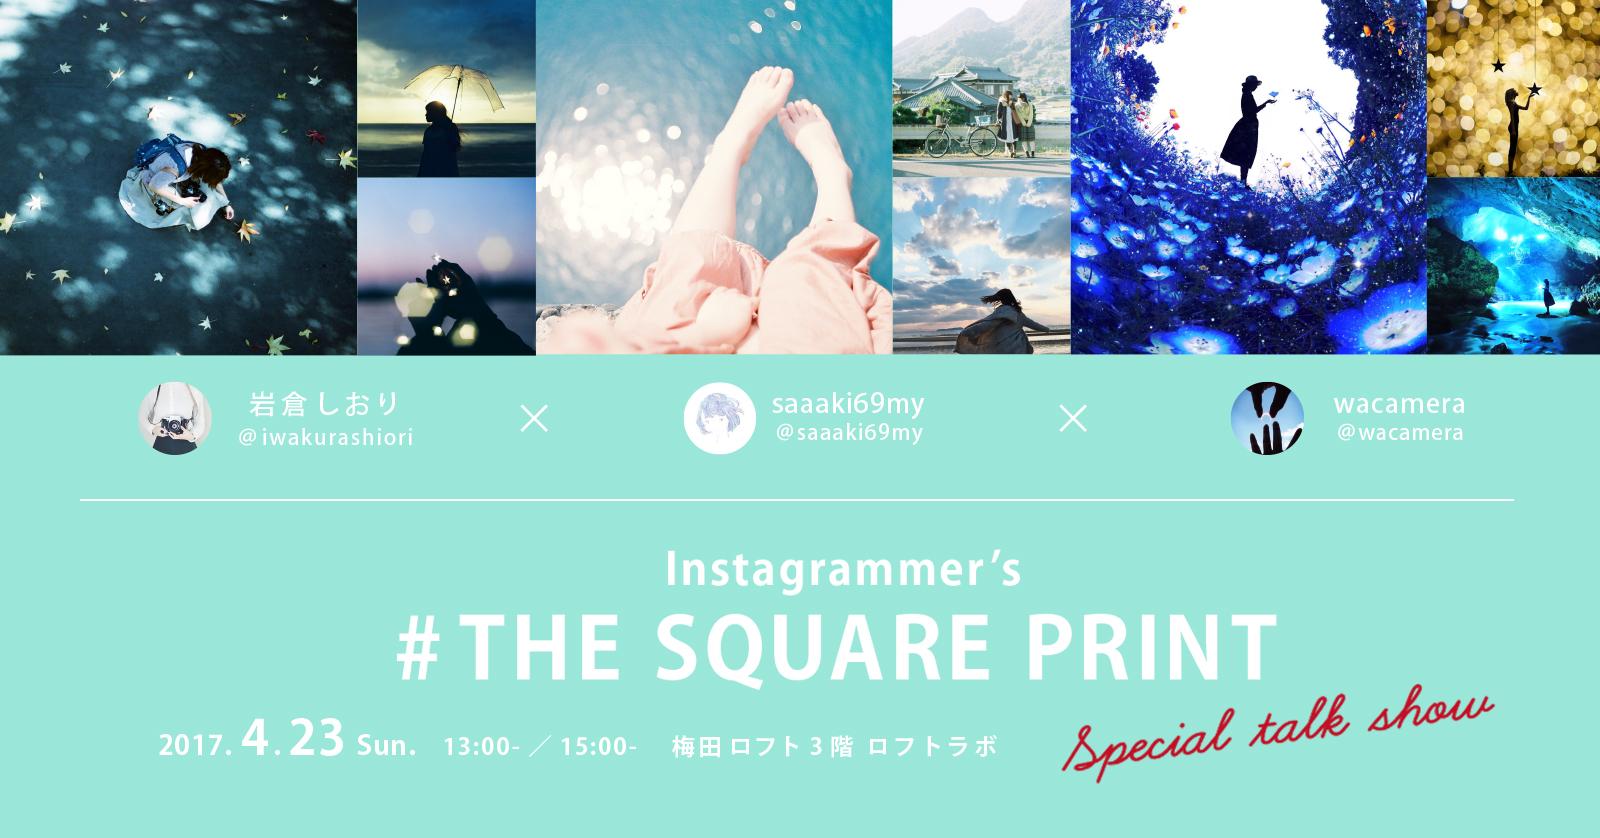 #THE SQUARE PRINT スペシャルトークショー